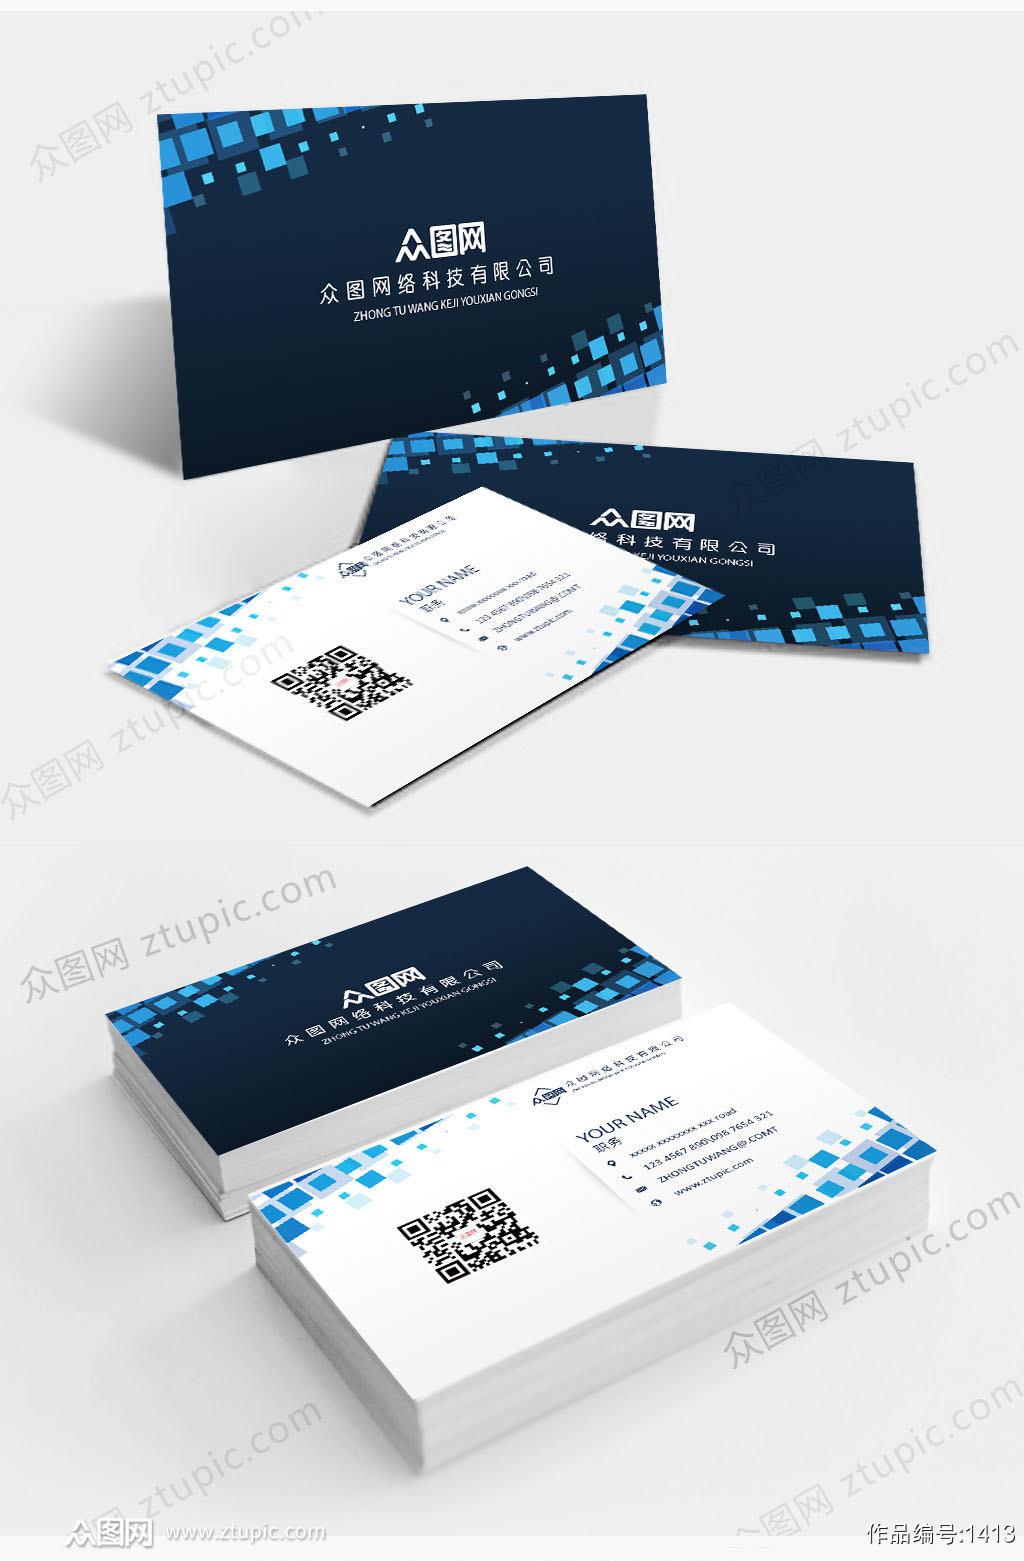 原创公司企业个人名片设计模板二维码 名片背面素材